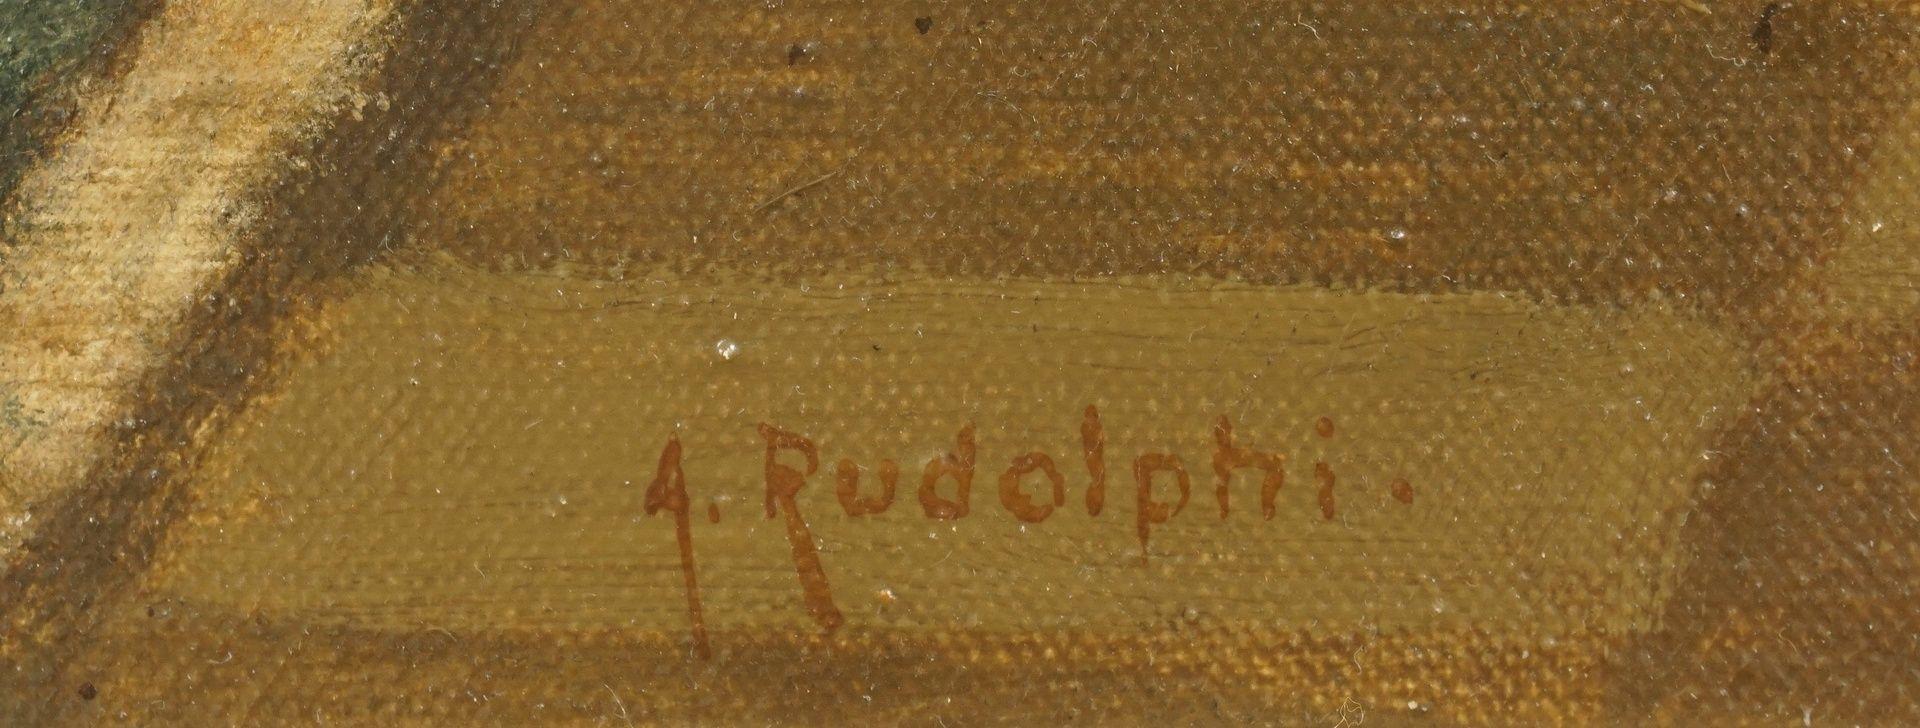 """A. Rudolphi, """"Musizierende"""" - Bild 4 aus 4"""